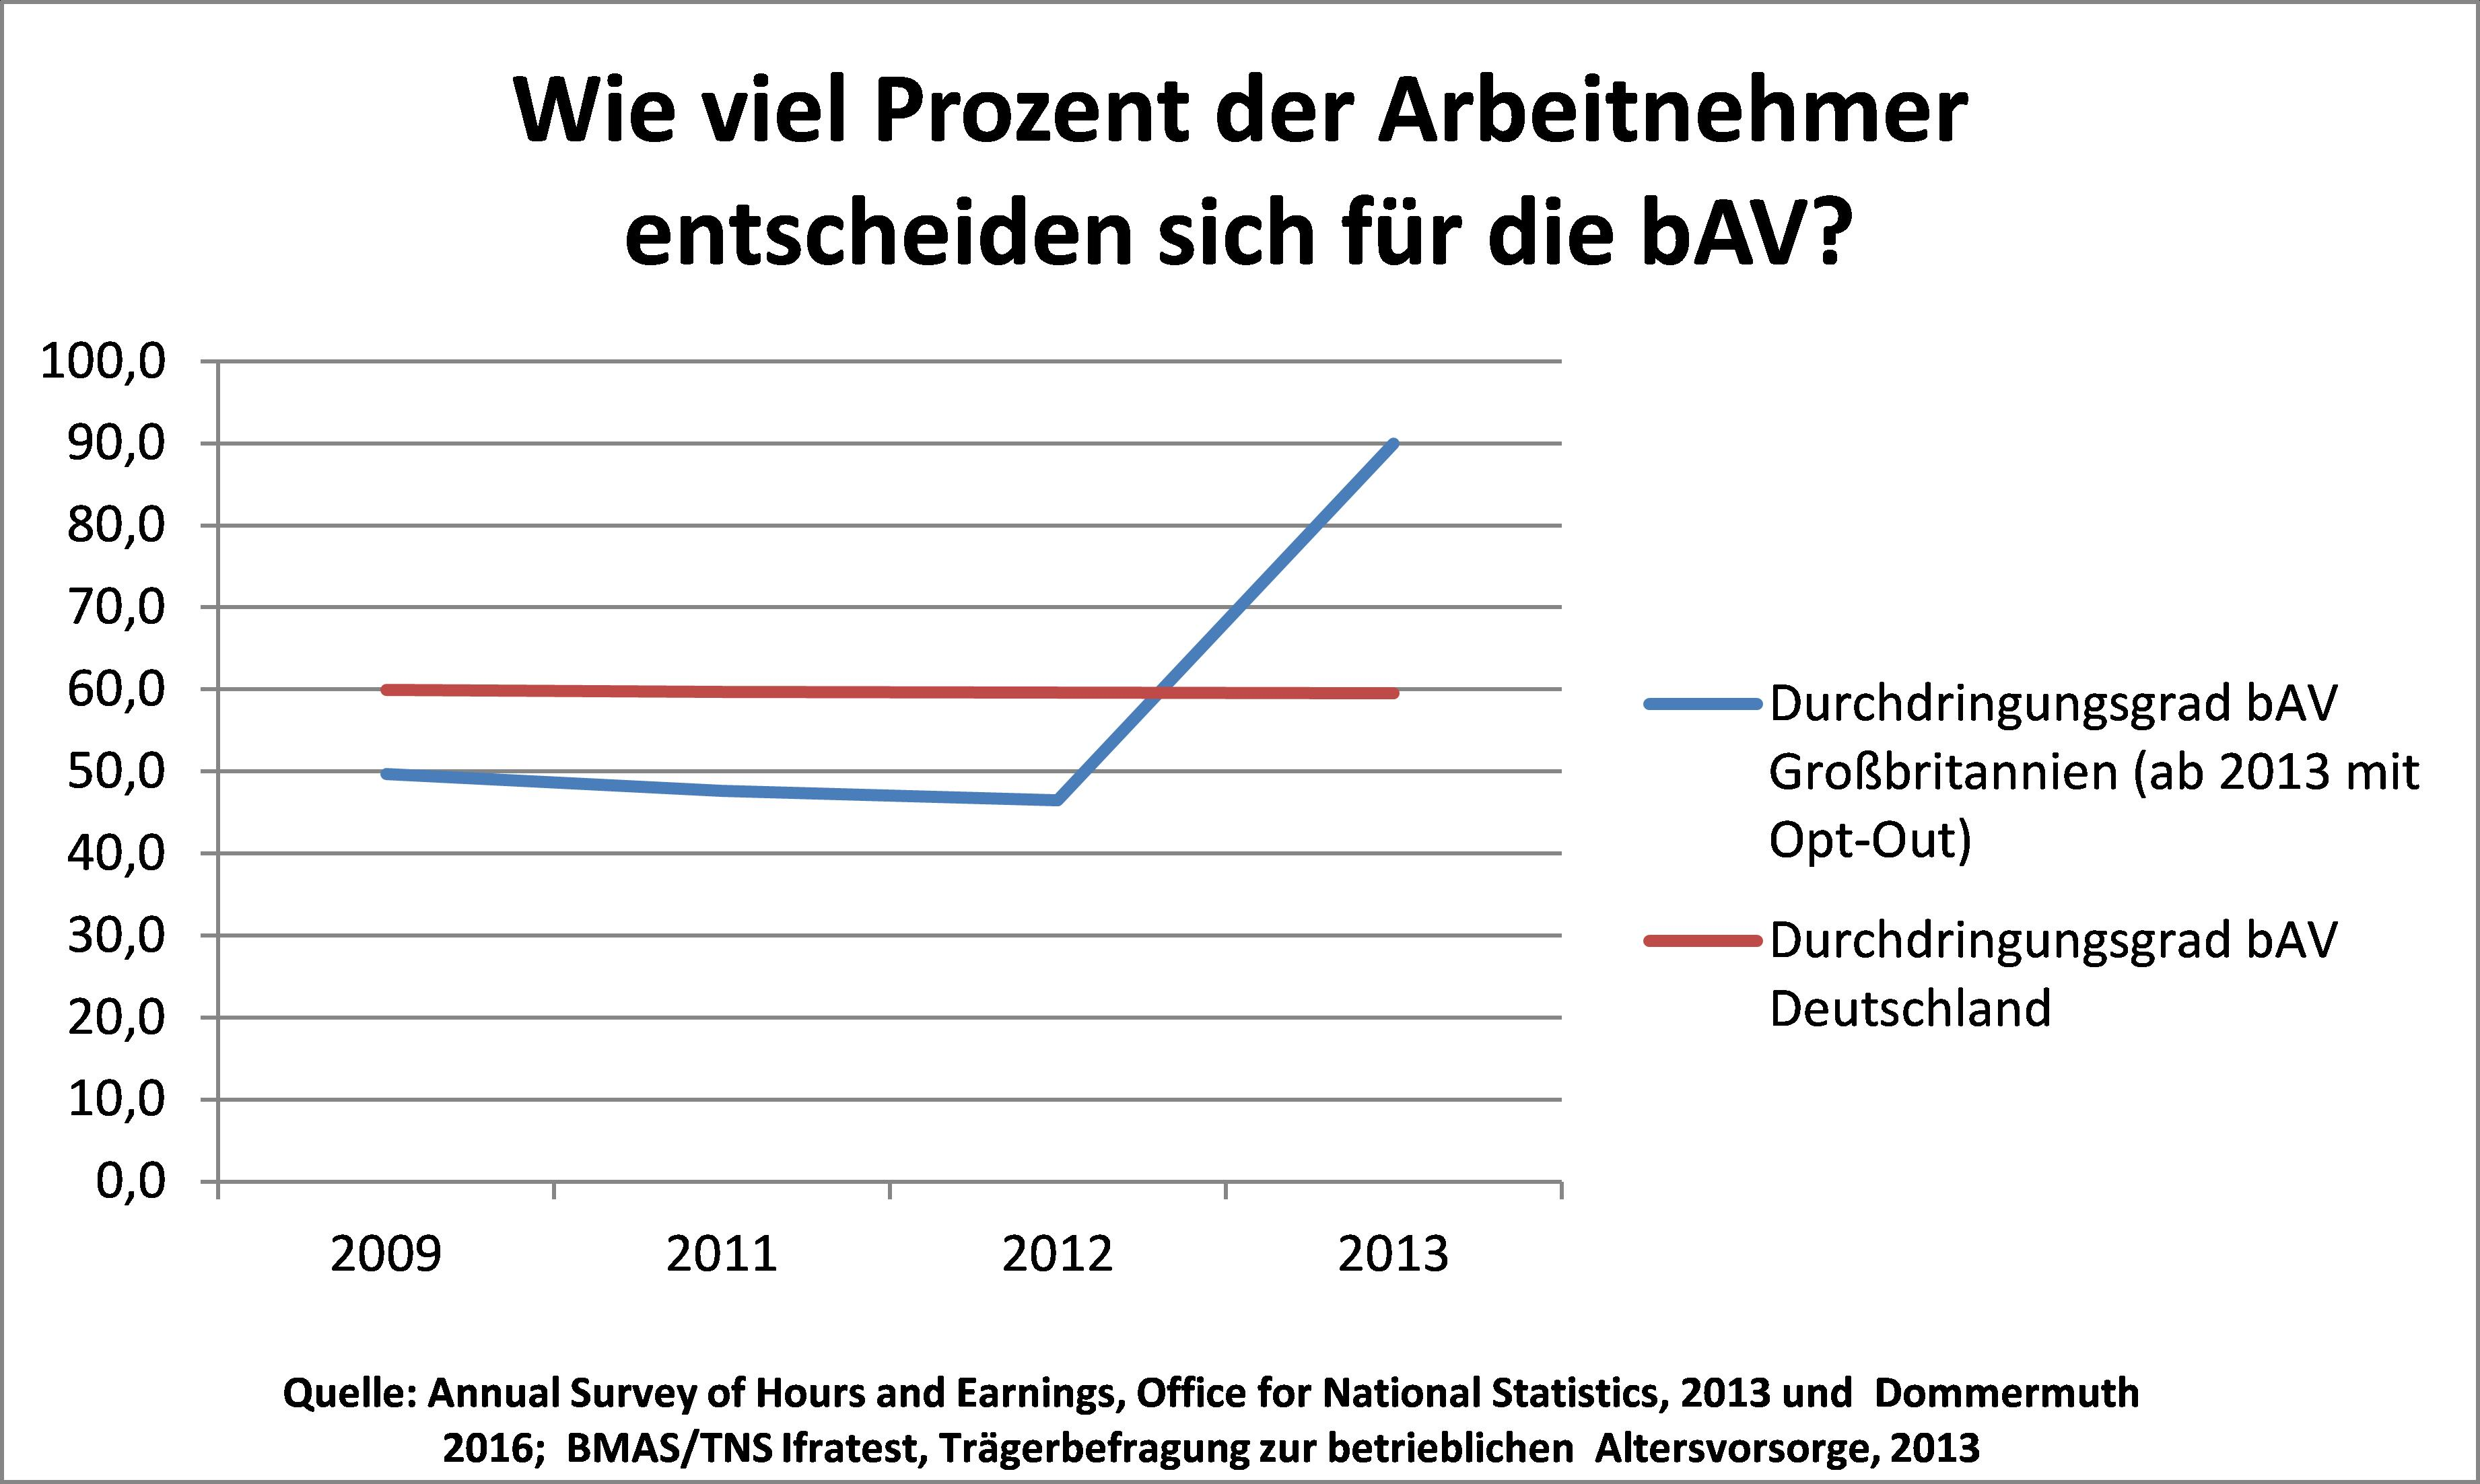 Abbildung: Entwicklung des bAV-Durchdringungsgrades in Deutschland und Großbritannien. Grafik zur Volldarstellung anklicken.